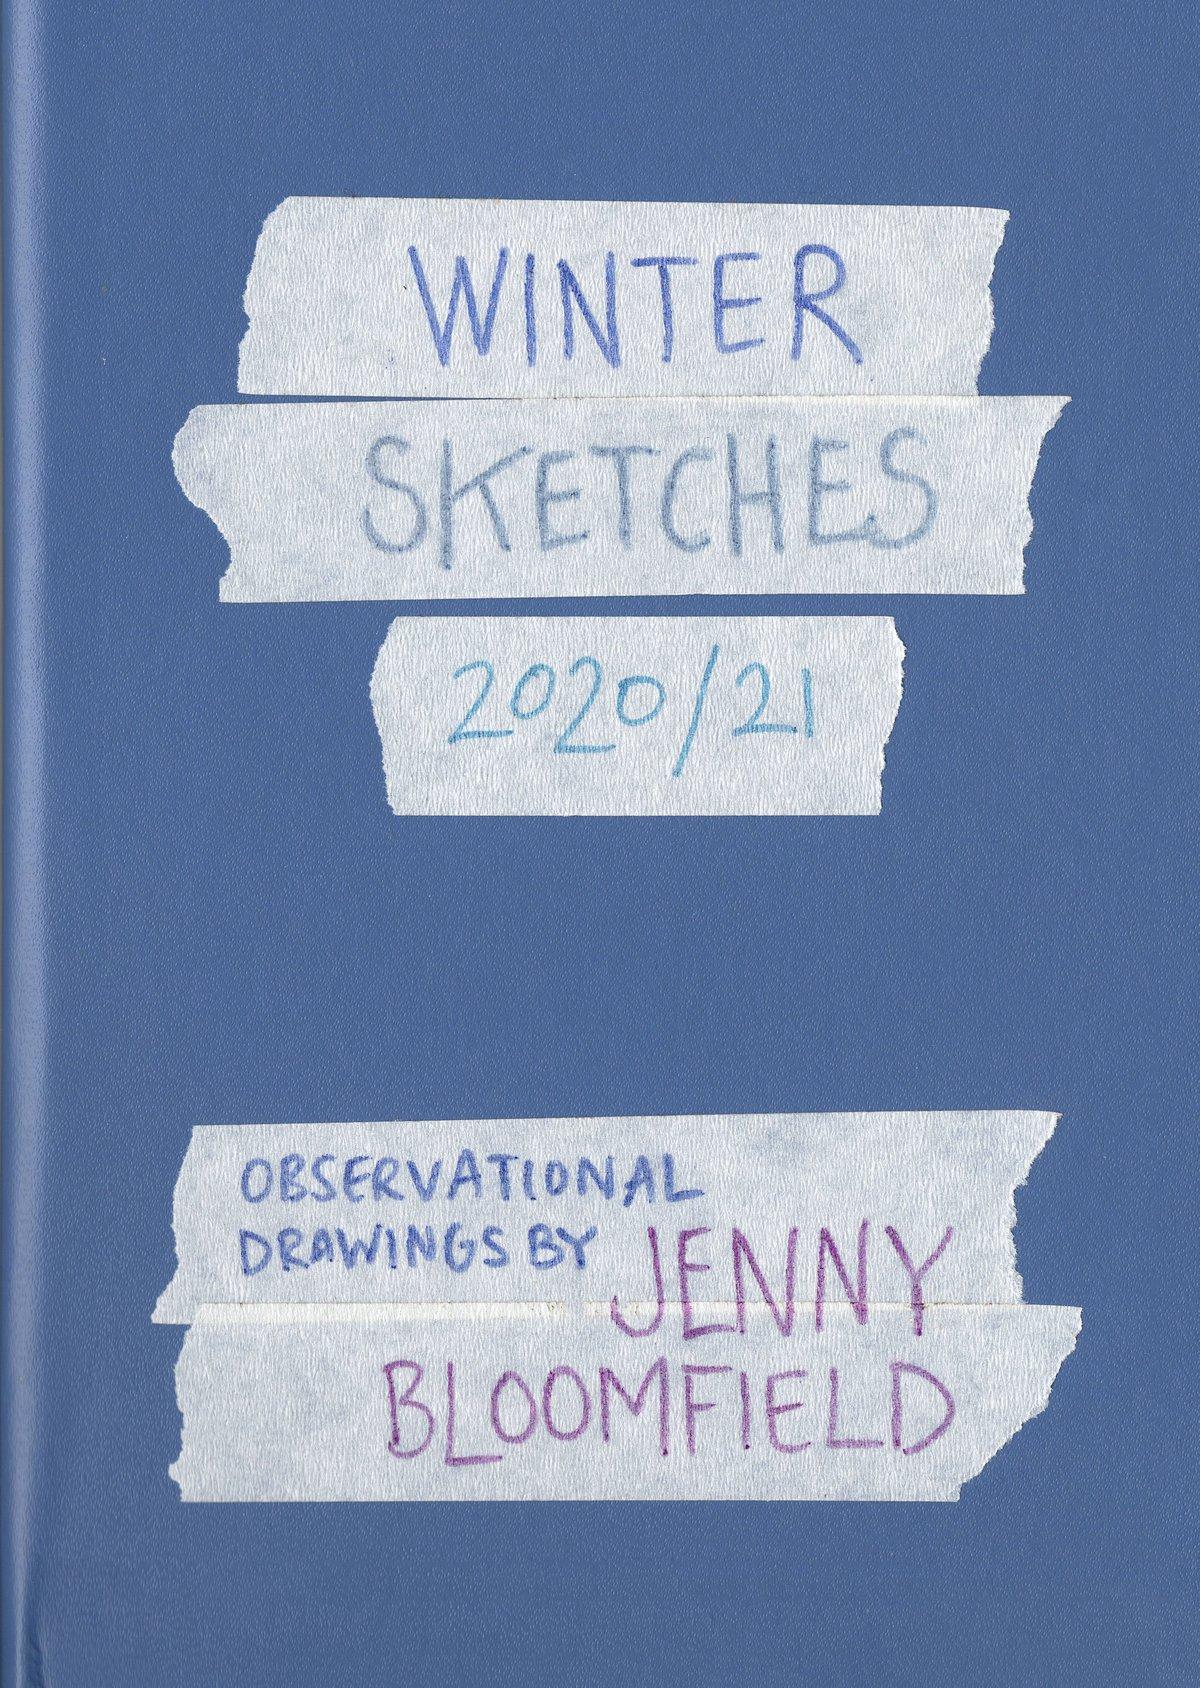 Image of Winter Sketches - sketchbook zine